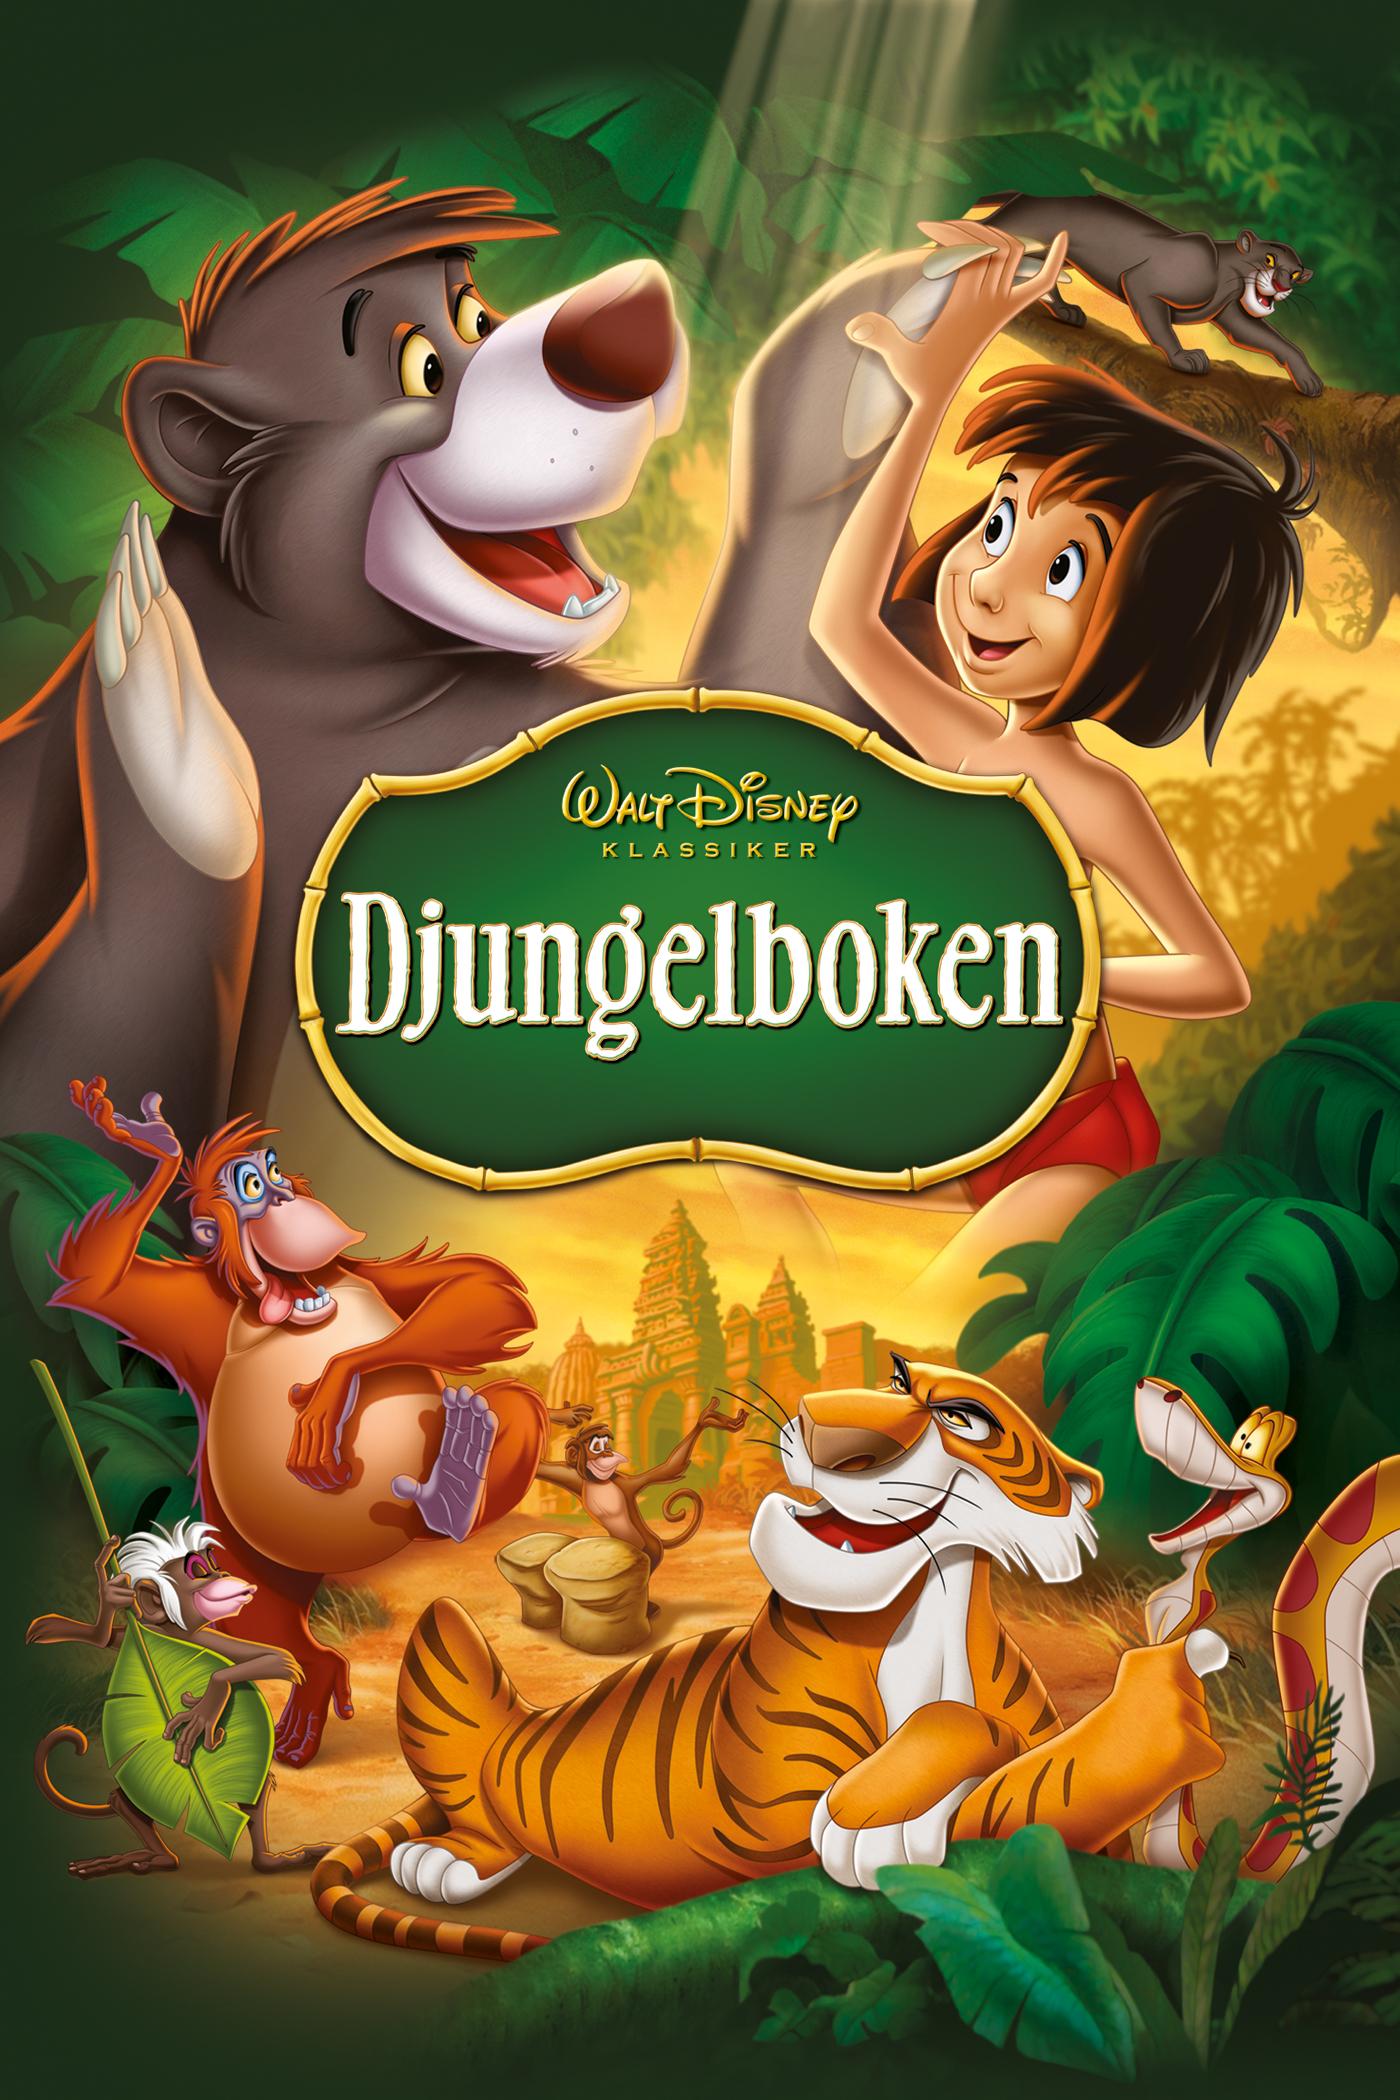 djungelboken svenskt tal